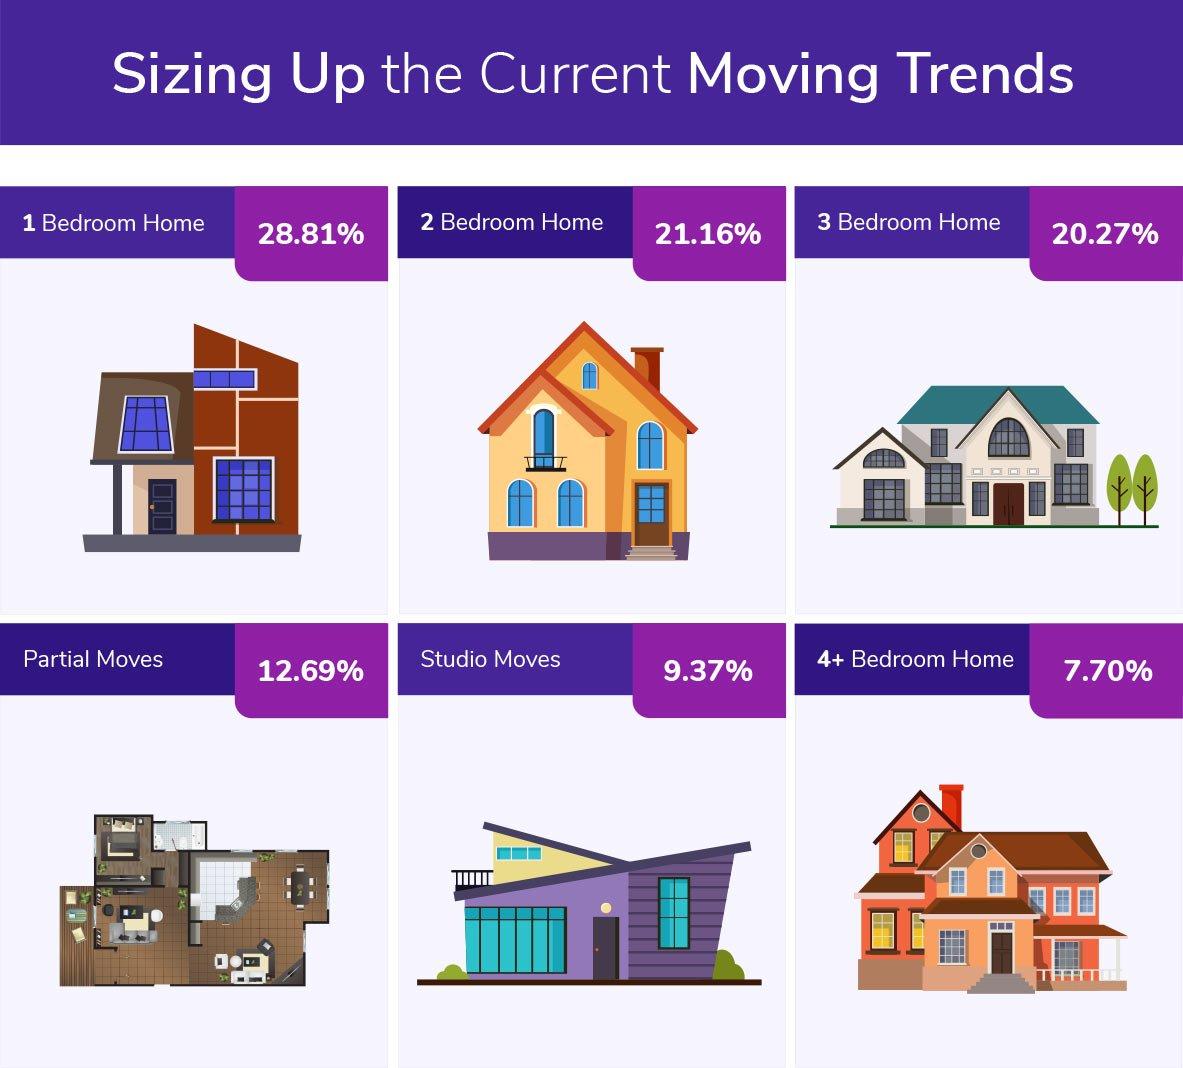 Average Relocation Sizes Ratio